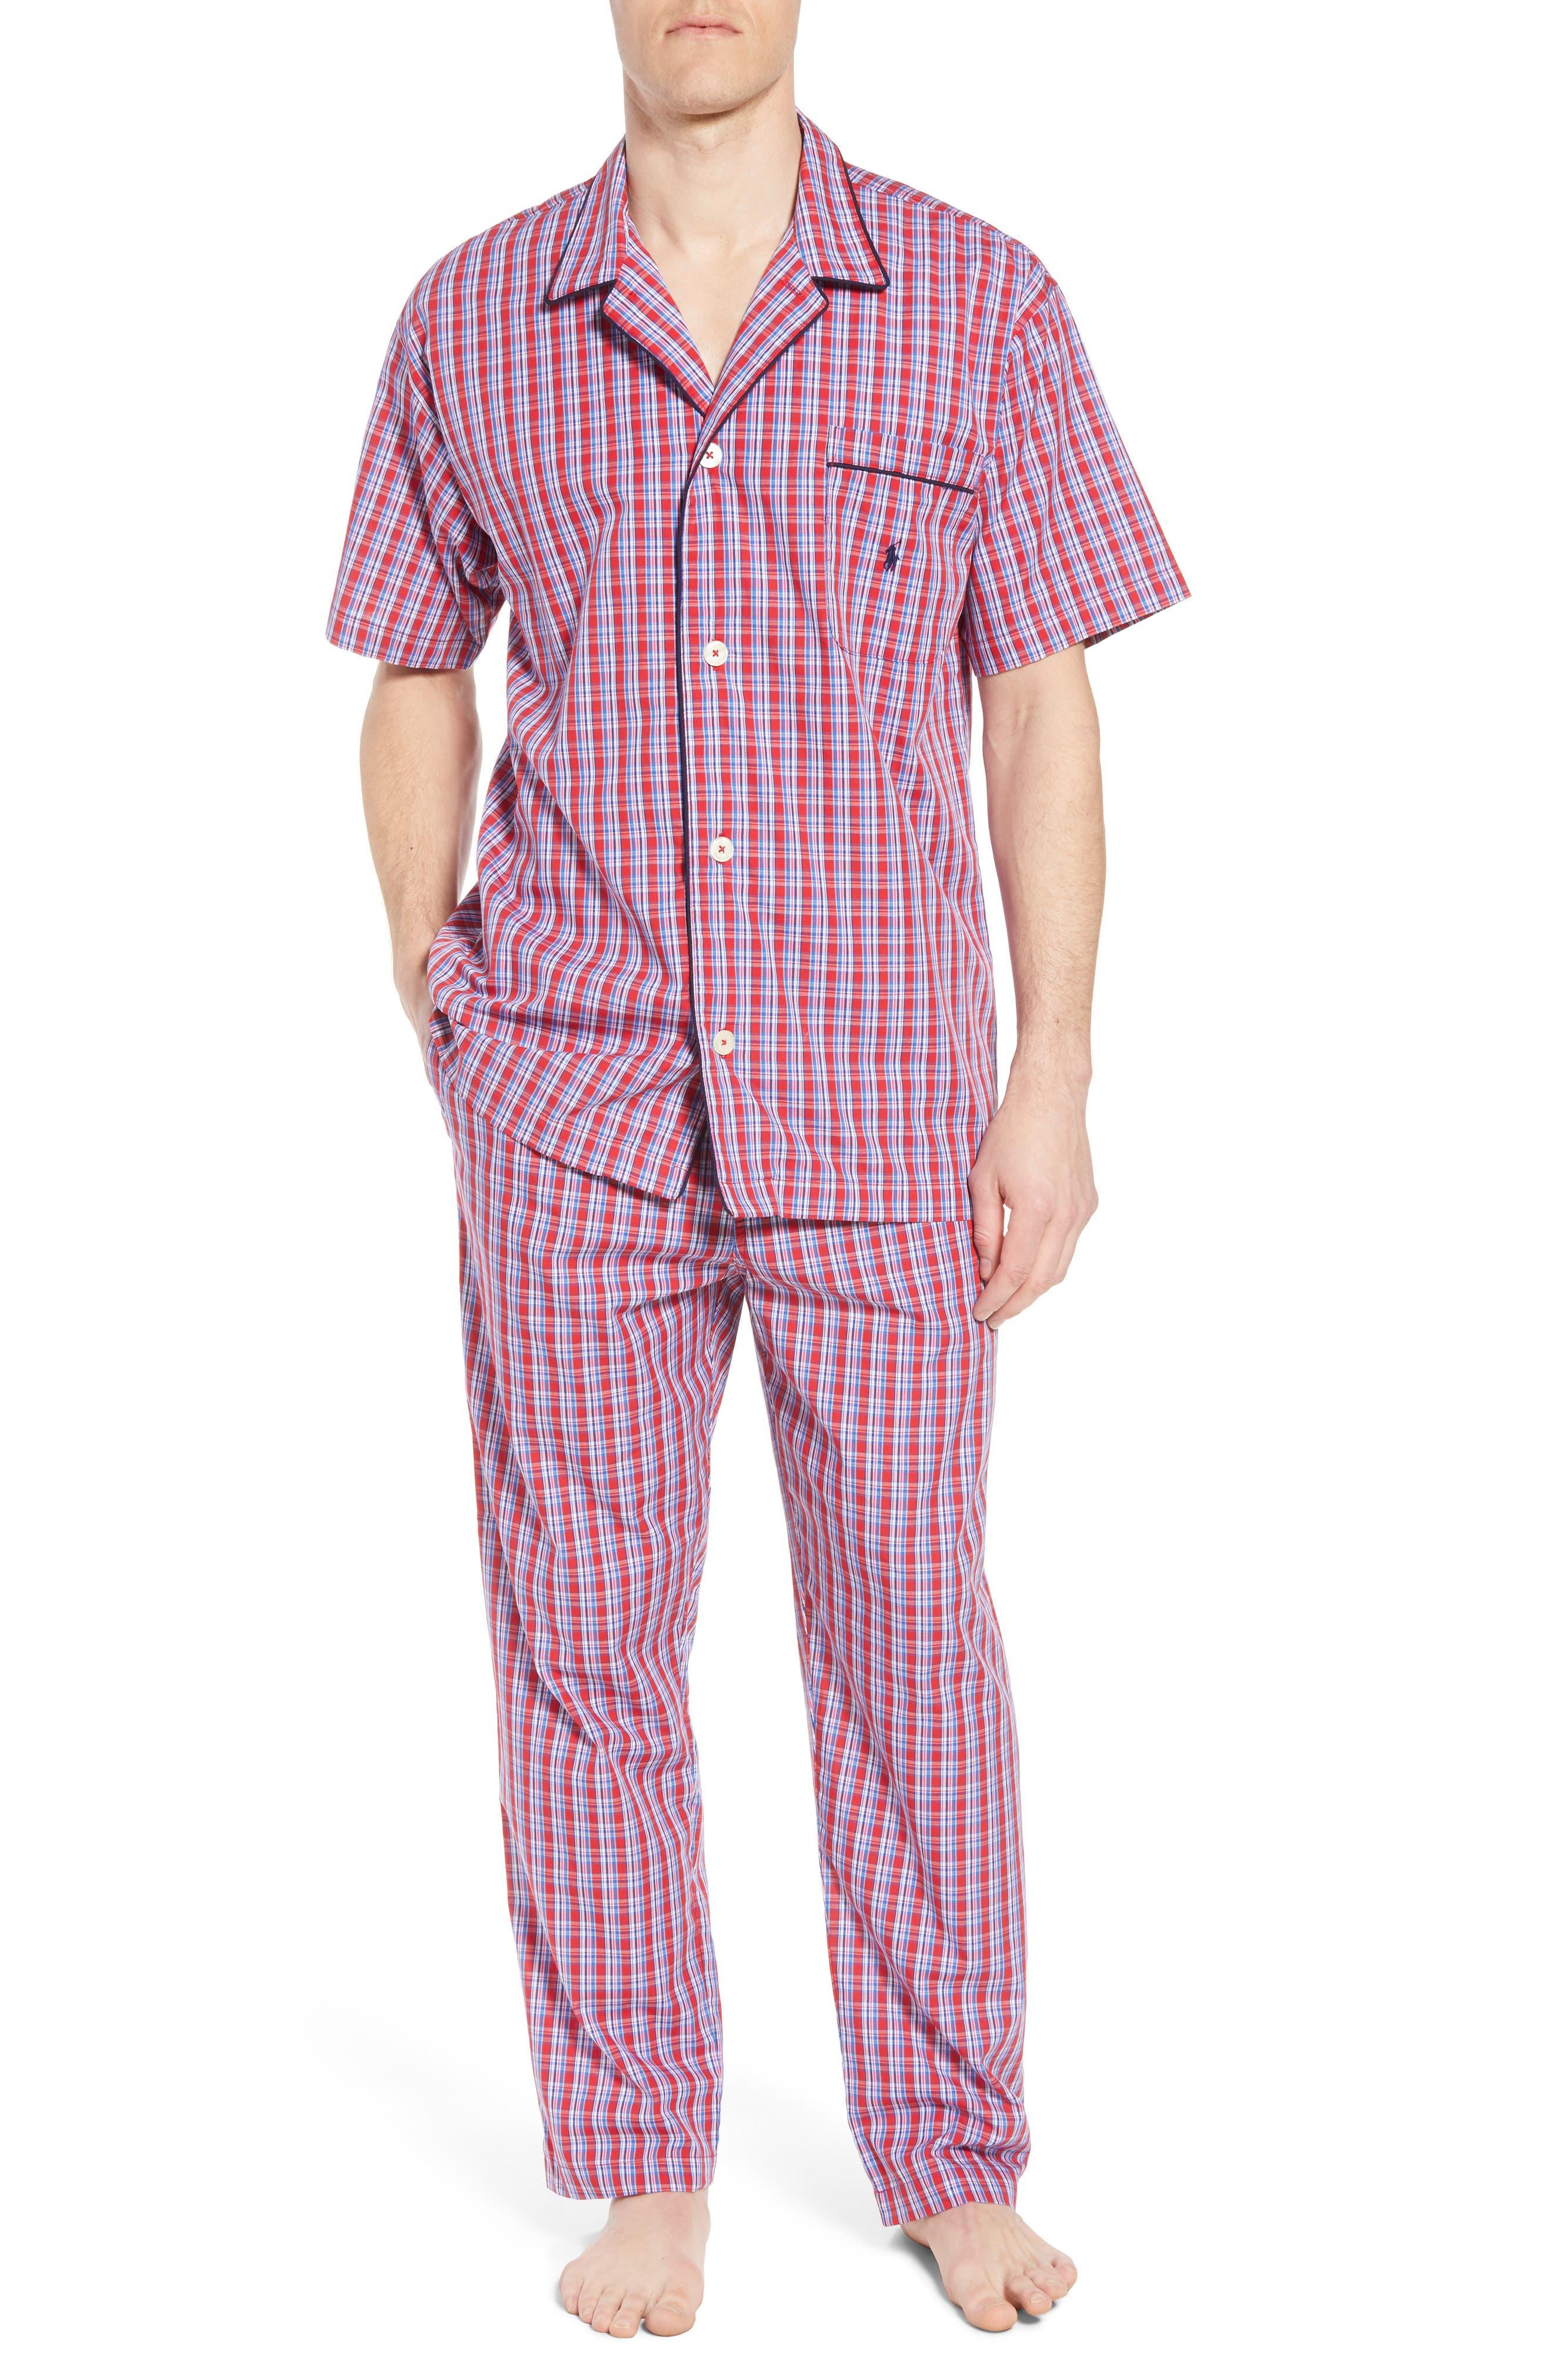 Cotton Lounge Pants,                             Alternate thumbnail 6, color,                             NEWPORT PLAID/ NAVY